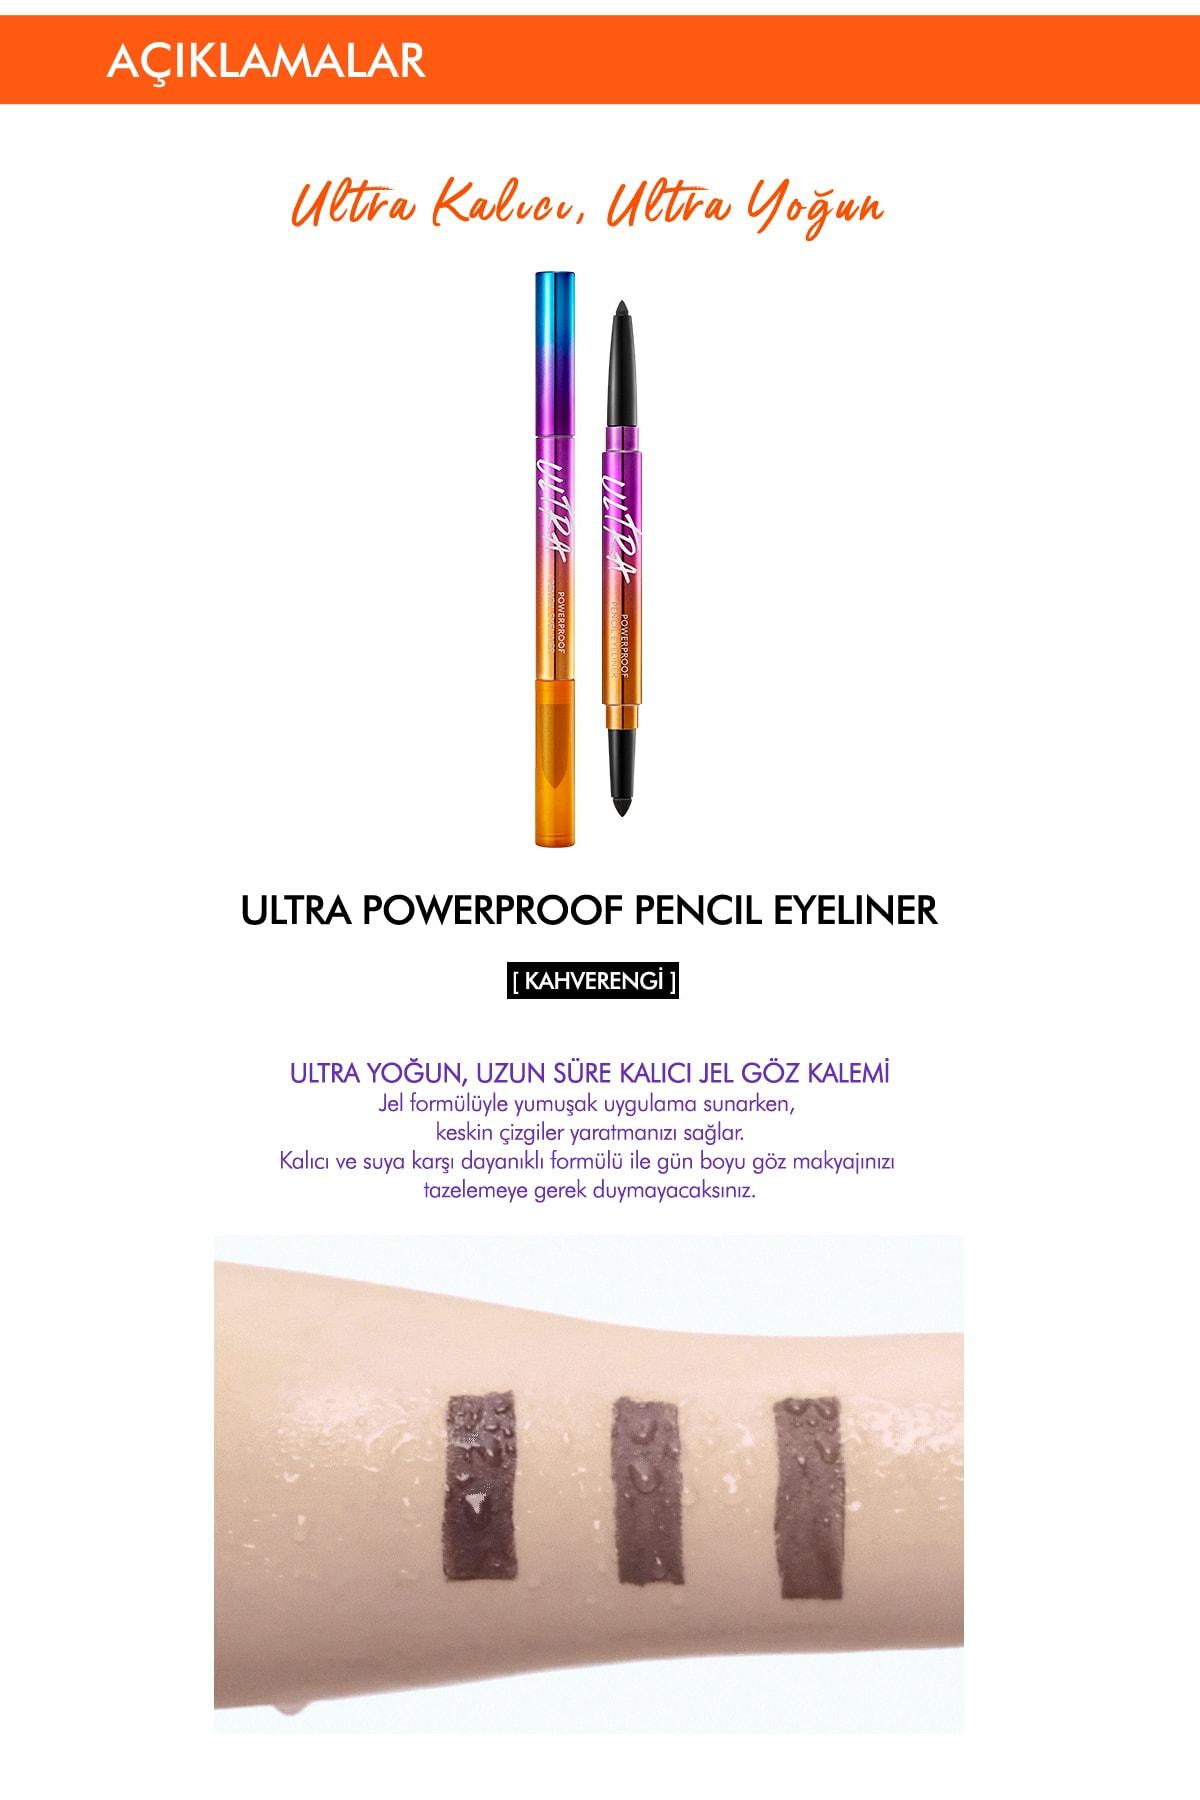 Missha Kalıcı Suya Dayanıklı Jel Göz Kalemi MISSHA Ultra Powerproof Pencil Eyeliner [Brown] 8809643506182 1